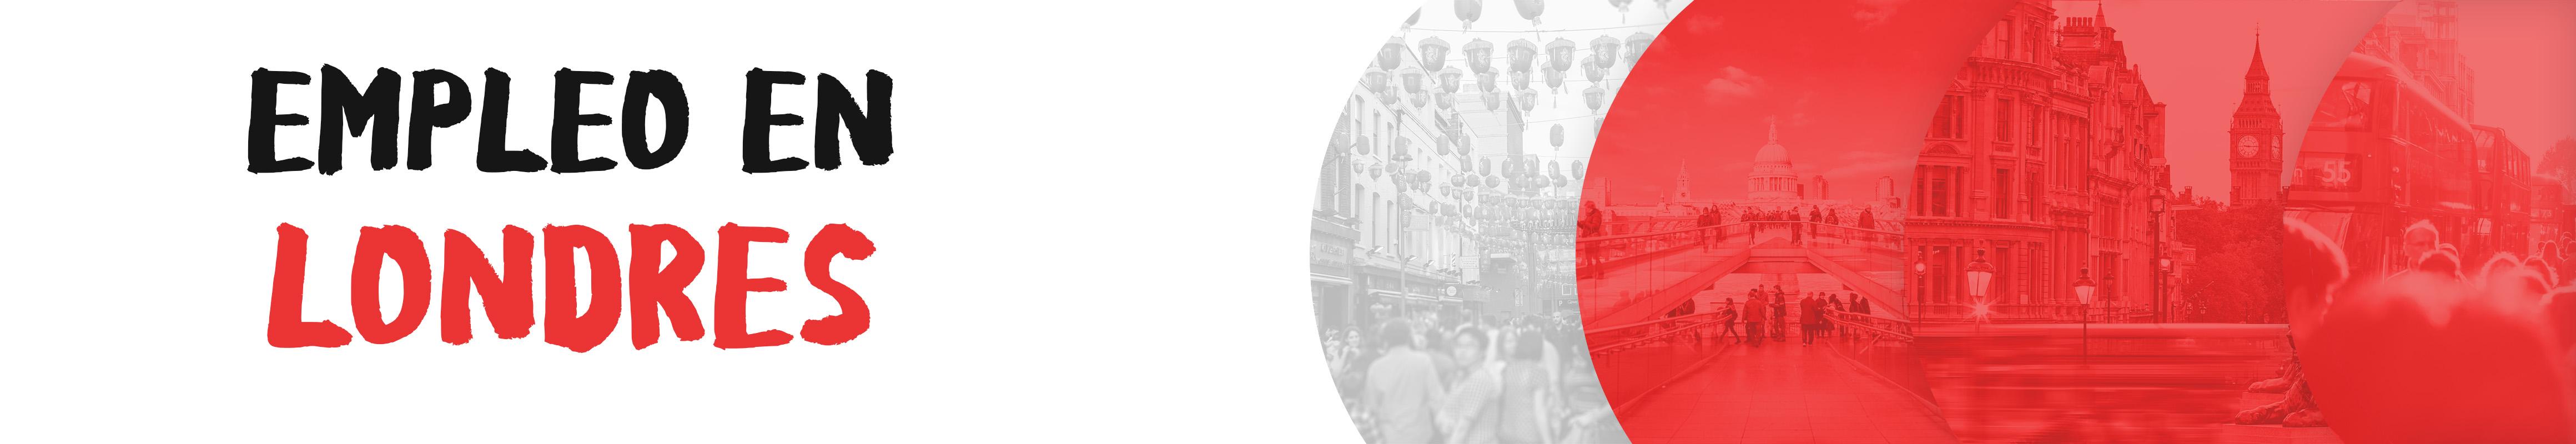 Empleo en Londres – Españoles en Londres